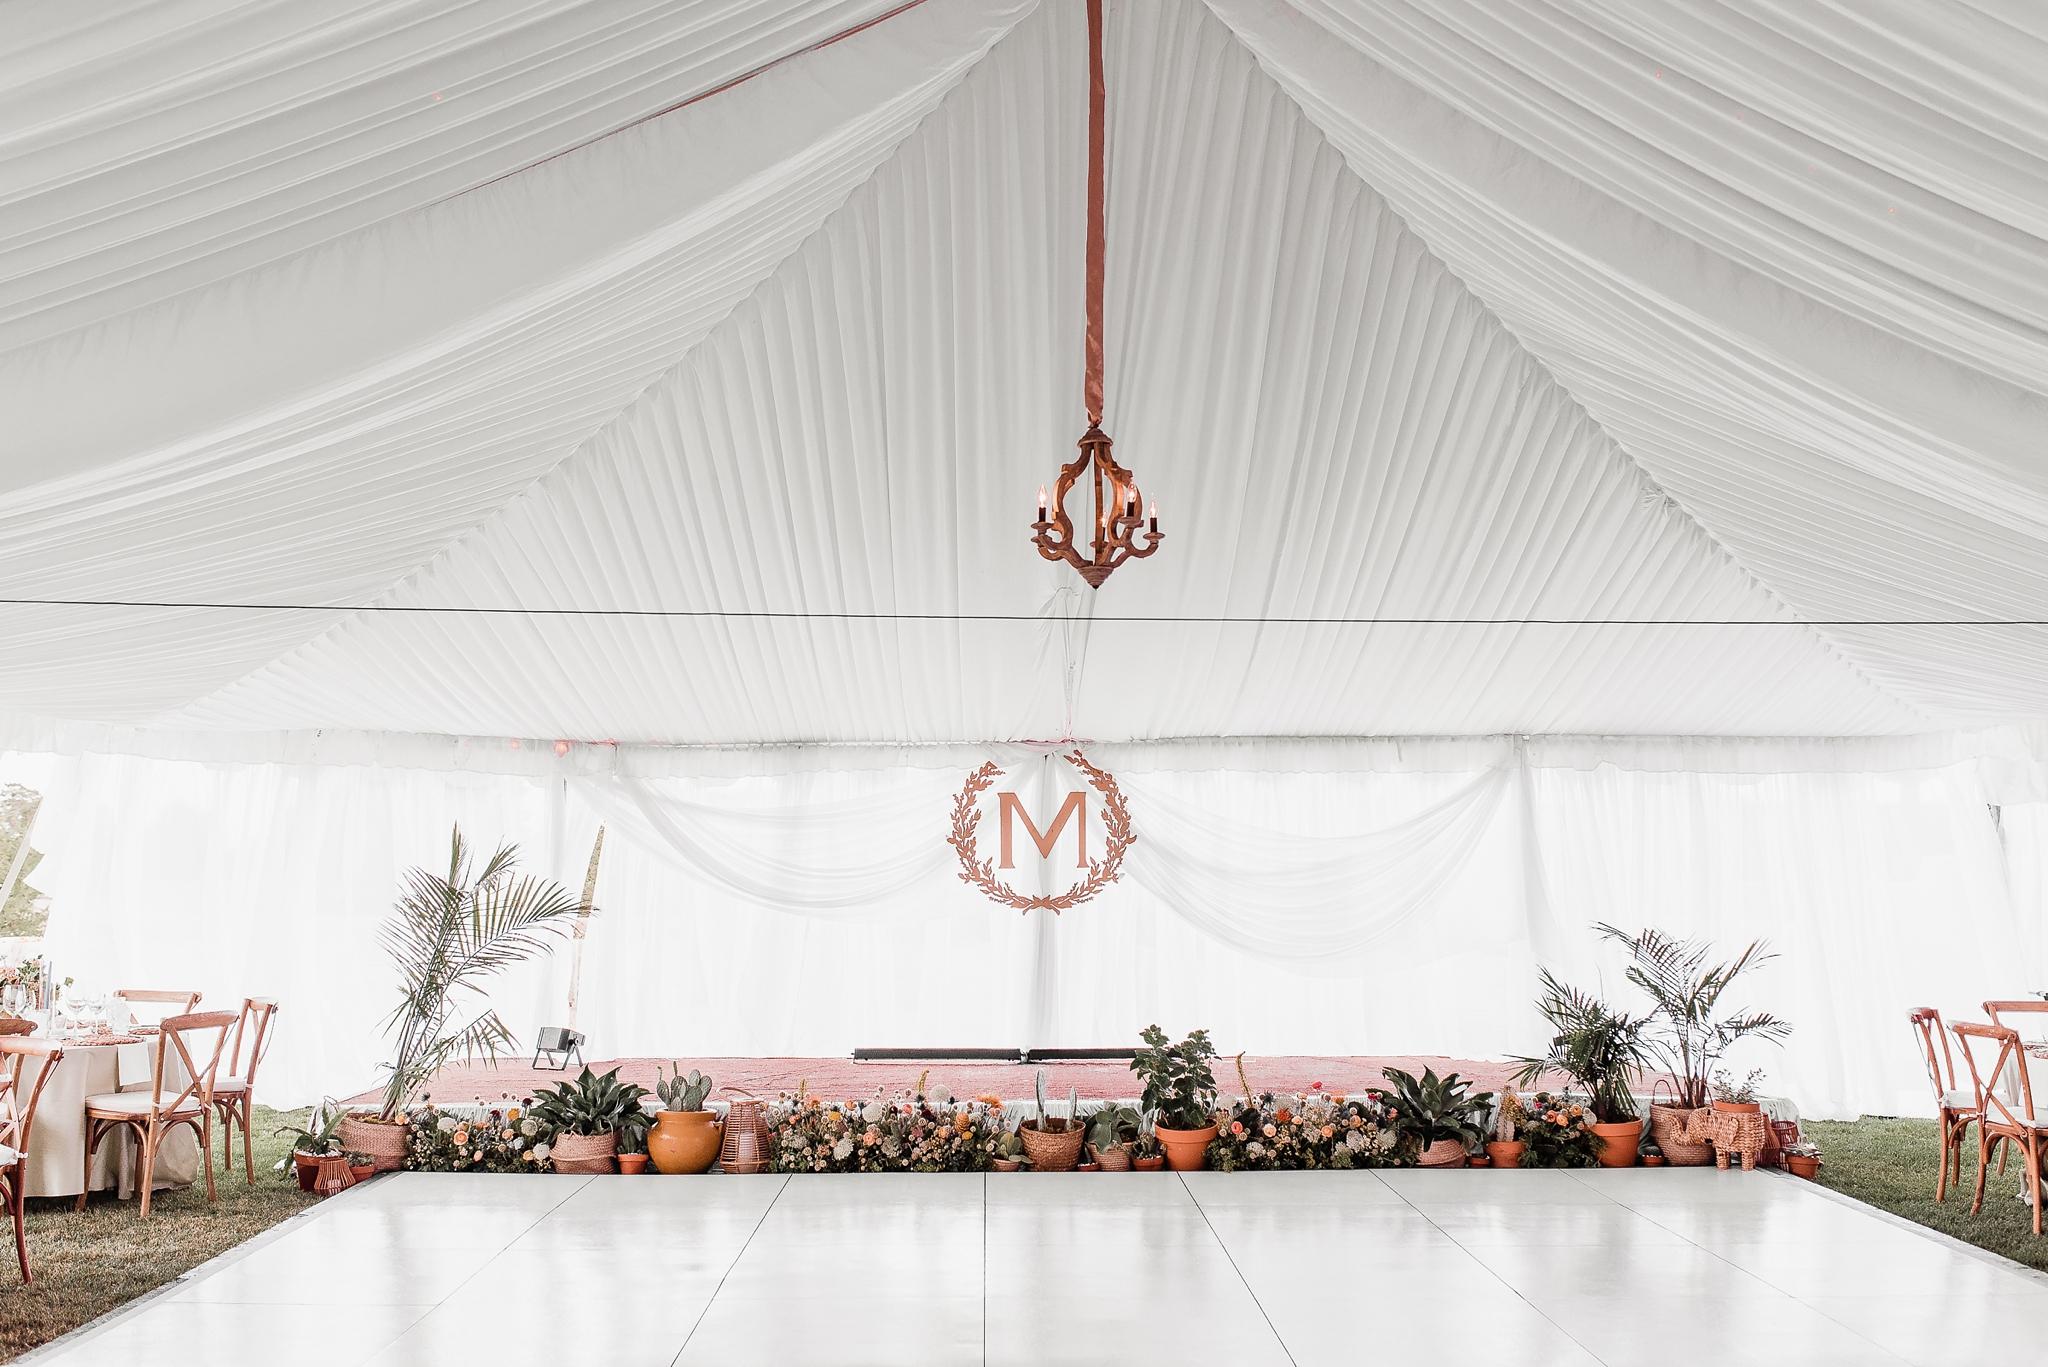 Alicia+lucia+photography+-+albuquerque+wedding+photographer+-+santa+fe+wedding+photography+-+new+mexico+wedding+photographer+-+new+mexico+wedding+-+las+campanas+wedding+-+santa+fe+wedding+-+maximalist+wedding+-+destination+wedding_0126.jpg